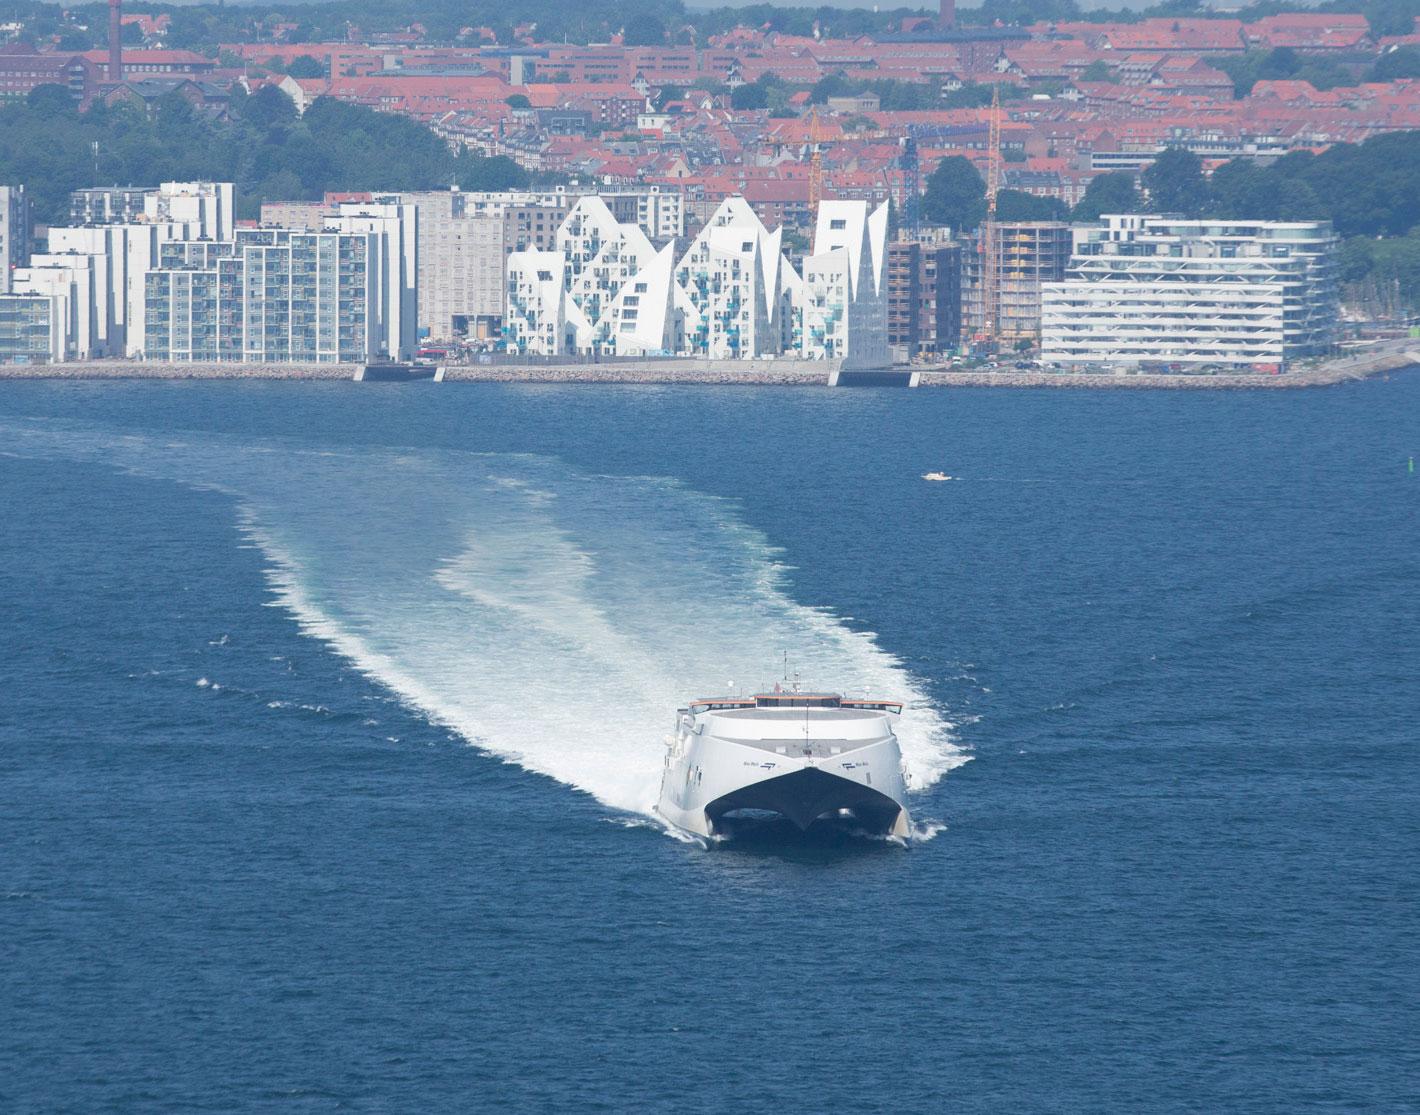 Molslinjen, der er det dominerende færgerederi på danske indenrigs færgeruter, har igen fået en millionbøde for forholdene omkring dets betjening af ruterne til Bornholm. Foto: Molslinjen.